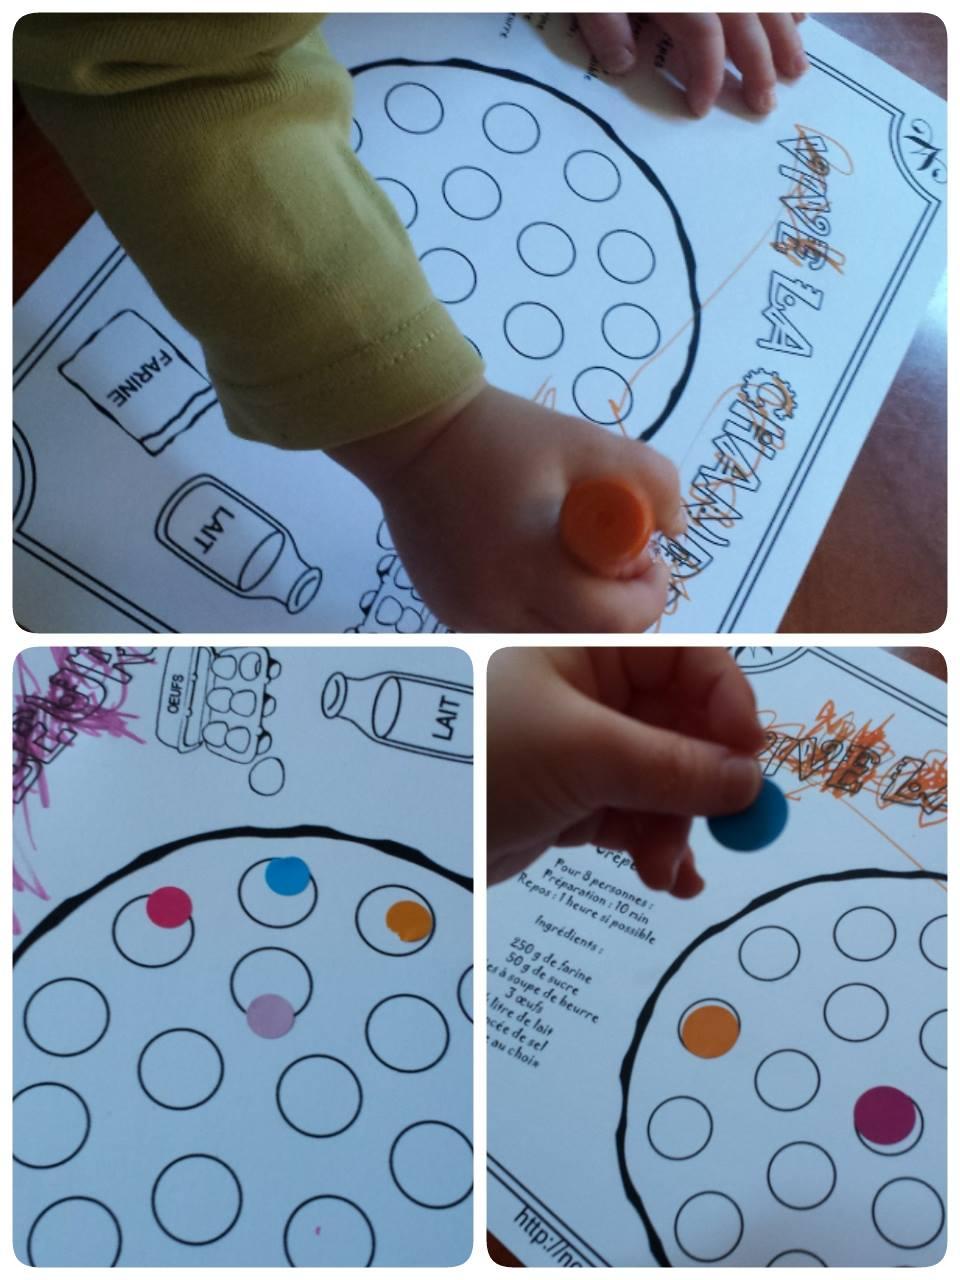 la ronde des chérubins, blog, la chandeleur, collage de gomettes sur la crêpe